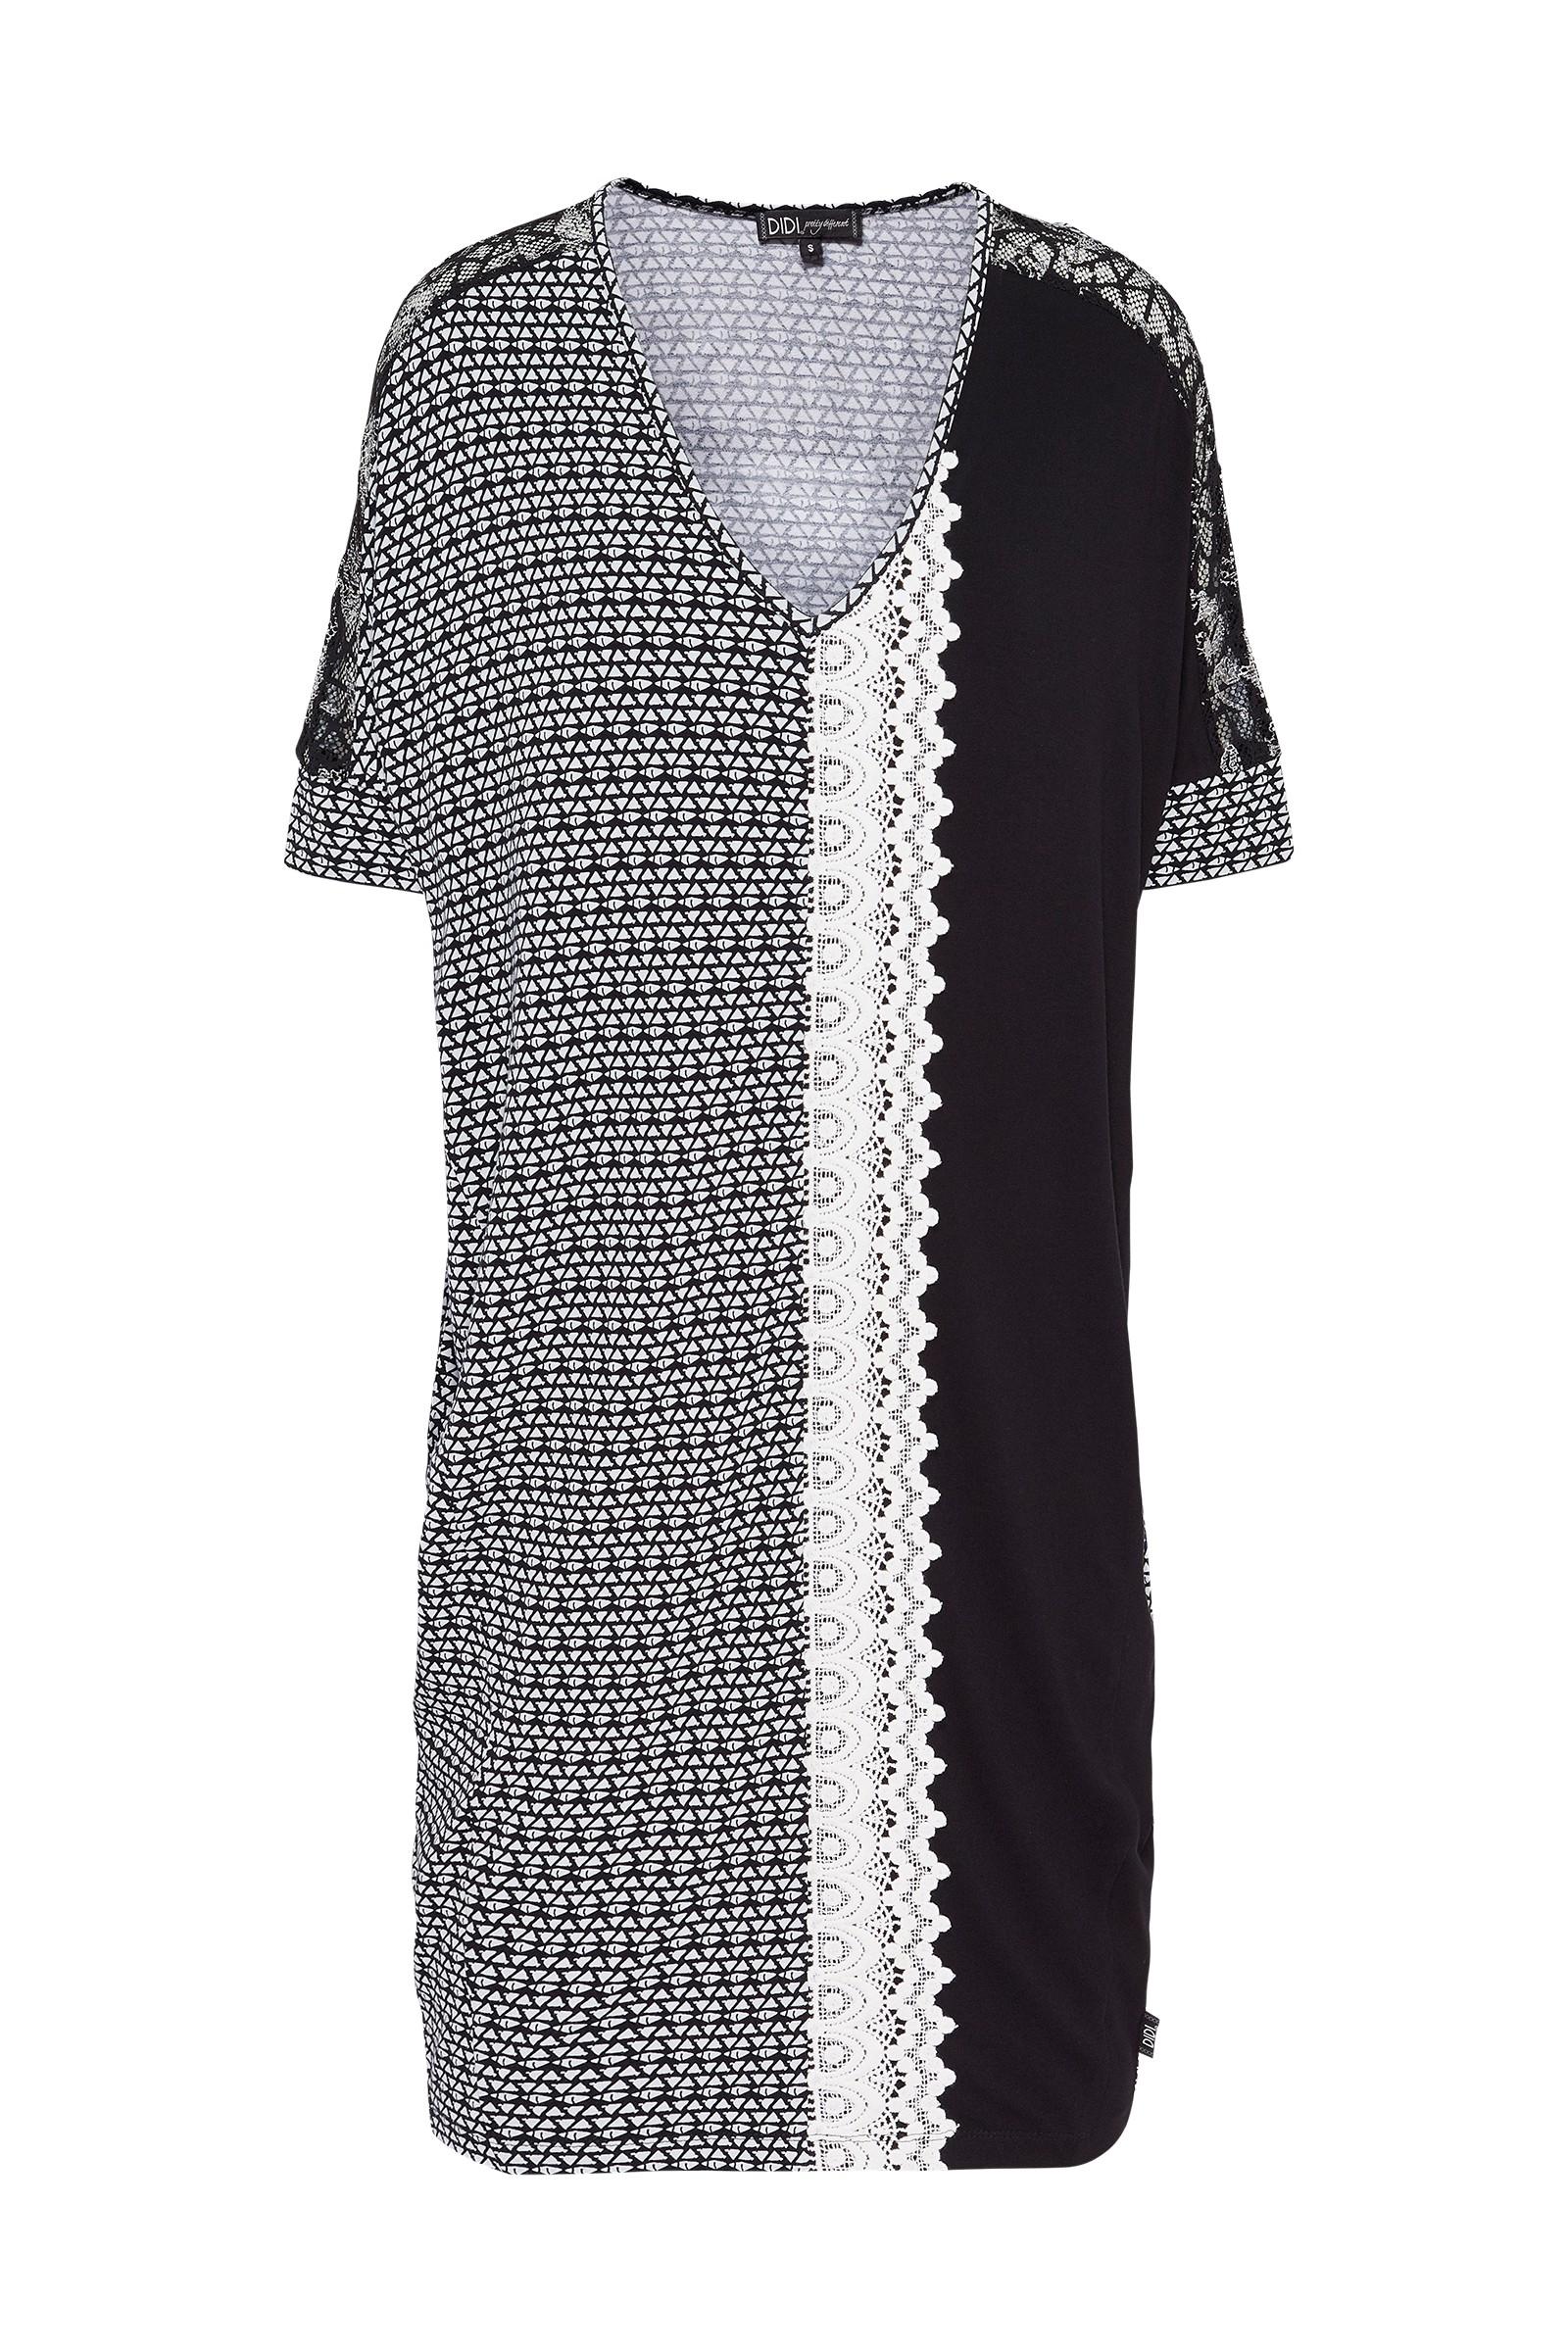 Afbeelding van DIDI Oversized jurk met kanten details wit